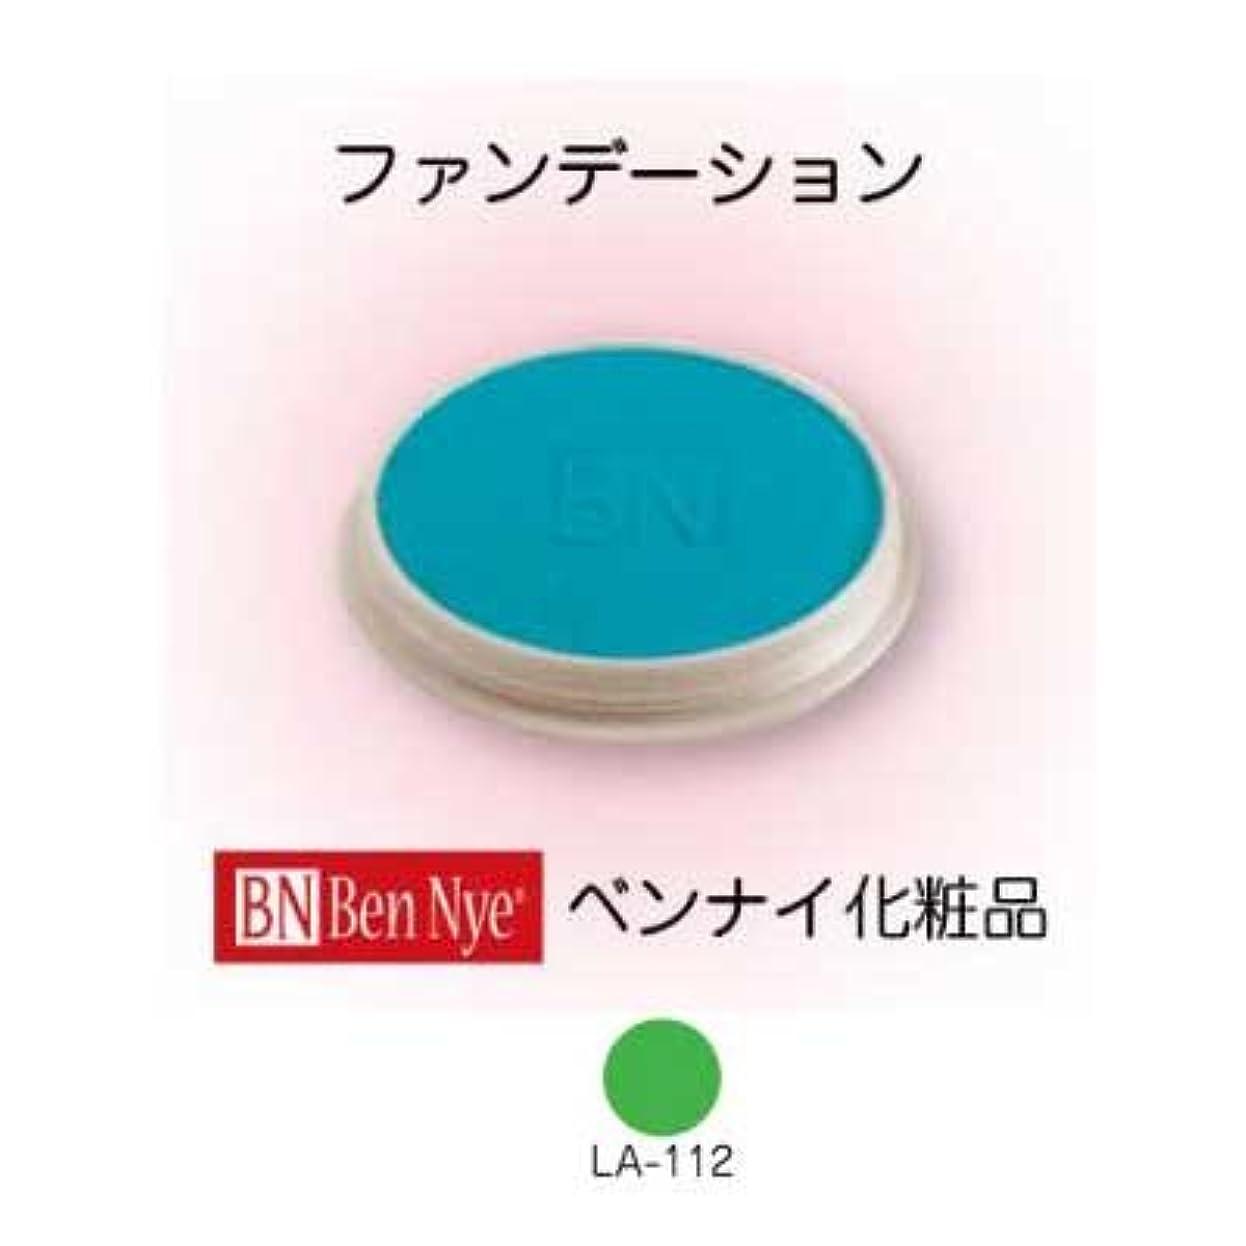 システムストレージ優しさマジケーキ LA-112【ベンナイ化粧品】